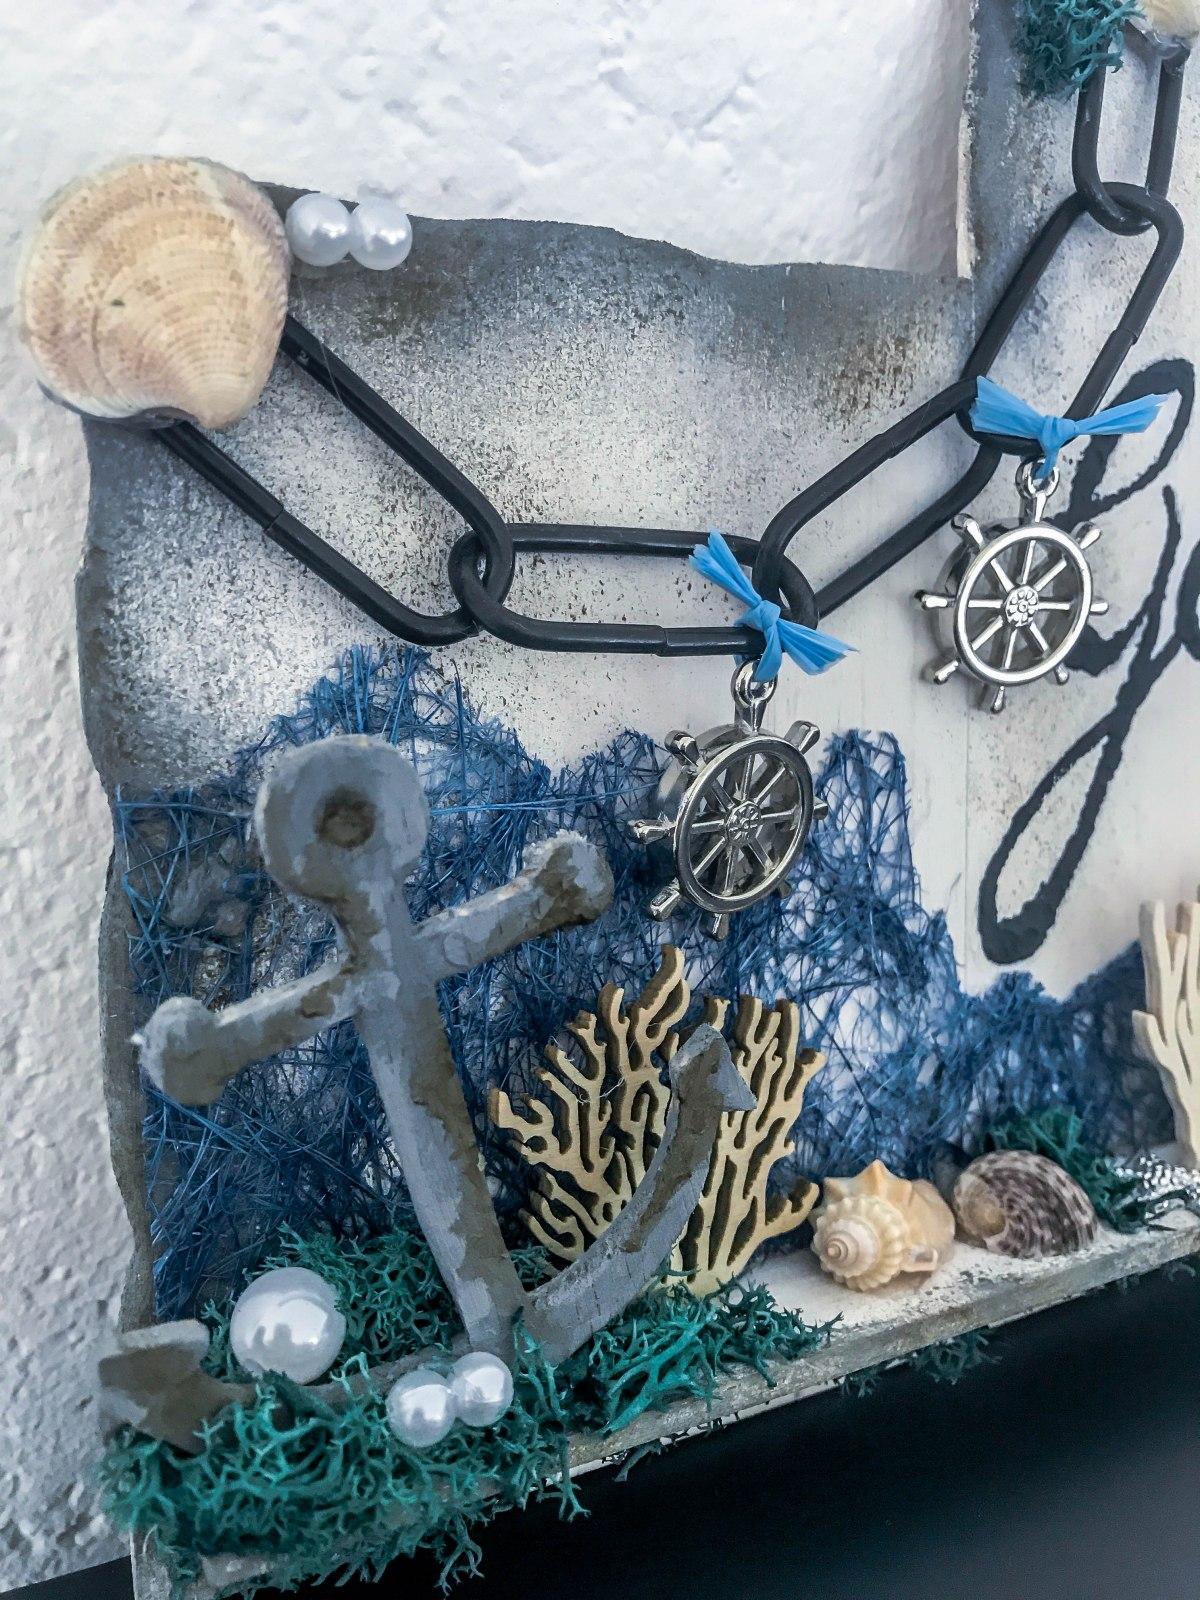 Toilettenschild in Unterwasserwelt Optik